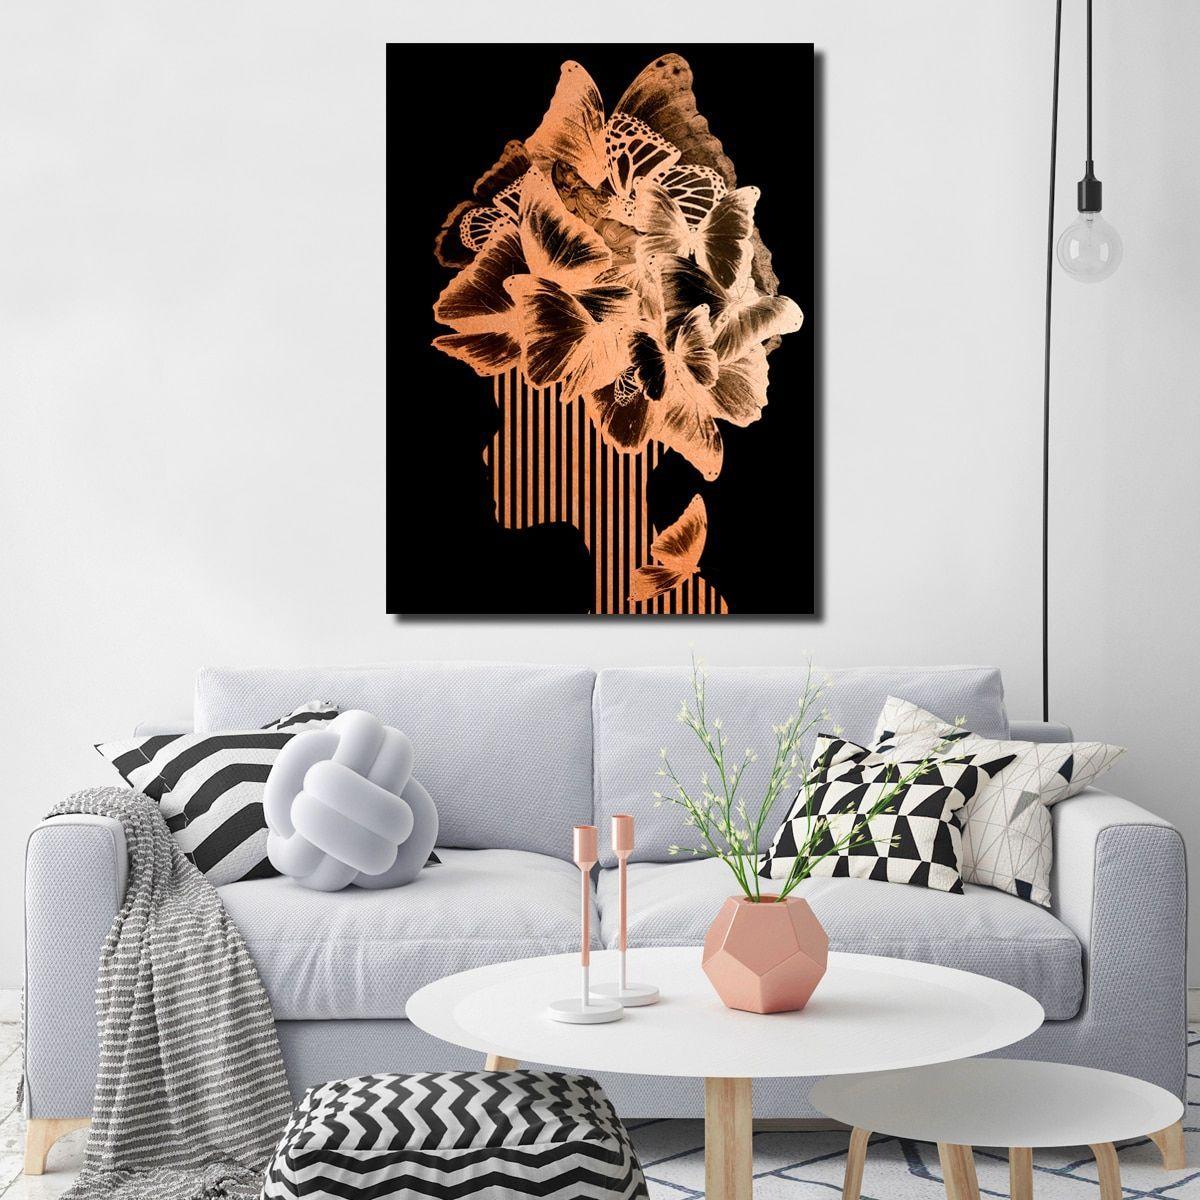 Readyhangart wall decor ugilt mod xviiiu in artplexi products